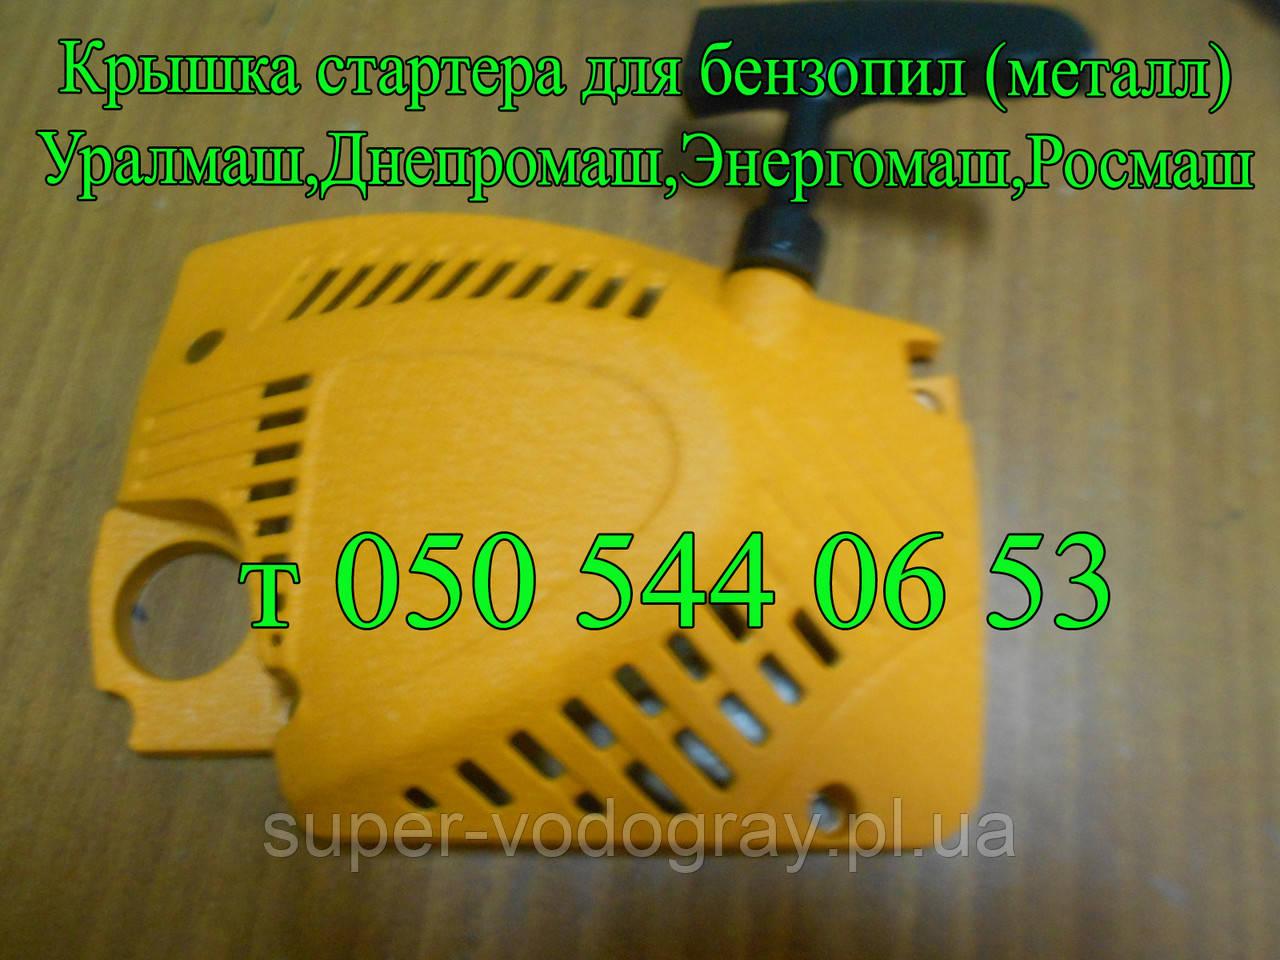 Крышка стартера для бензопилы Уралмаш,Энергомаш,Днепромаш,Росмаш